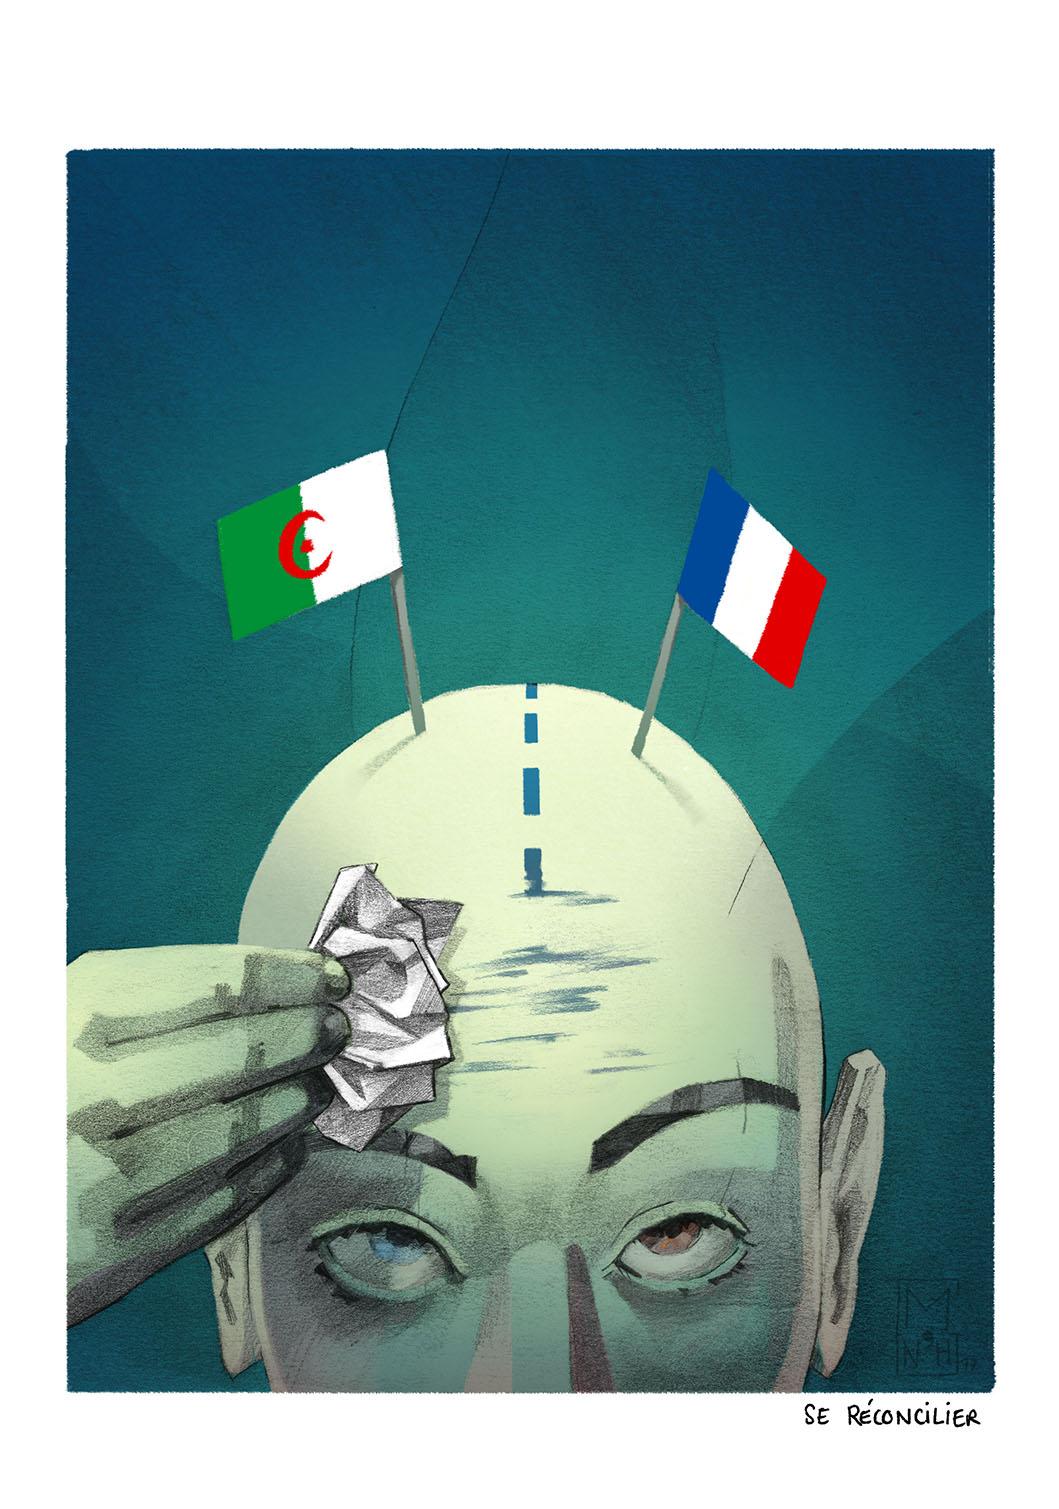 illustration symbolique traîtant d'identité, immigration.  Illustration sociologique, politique et philosophique.